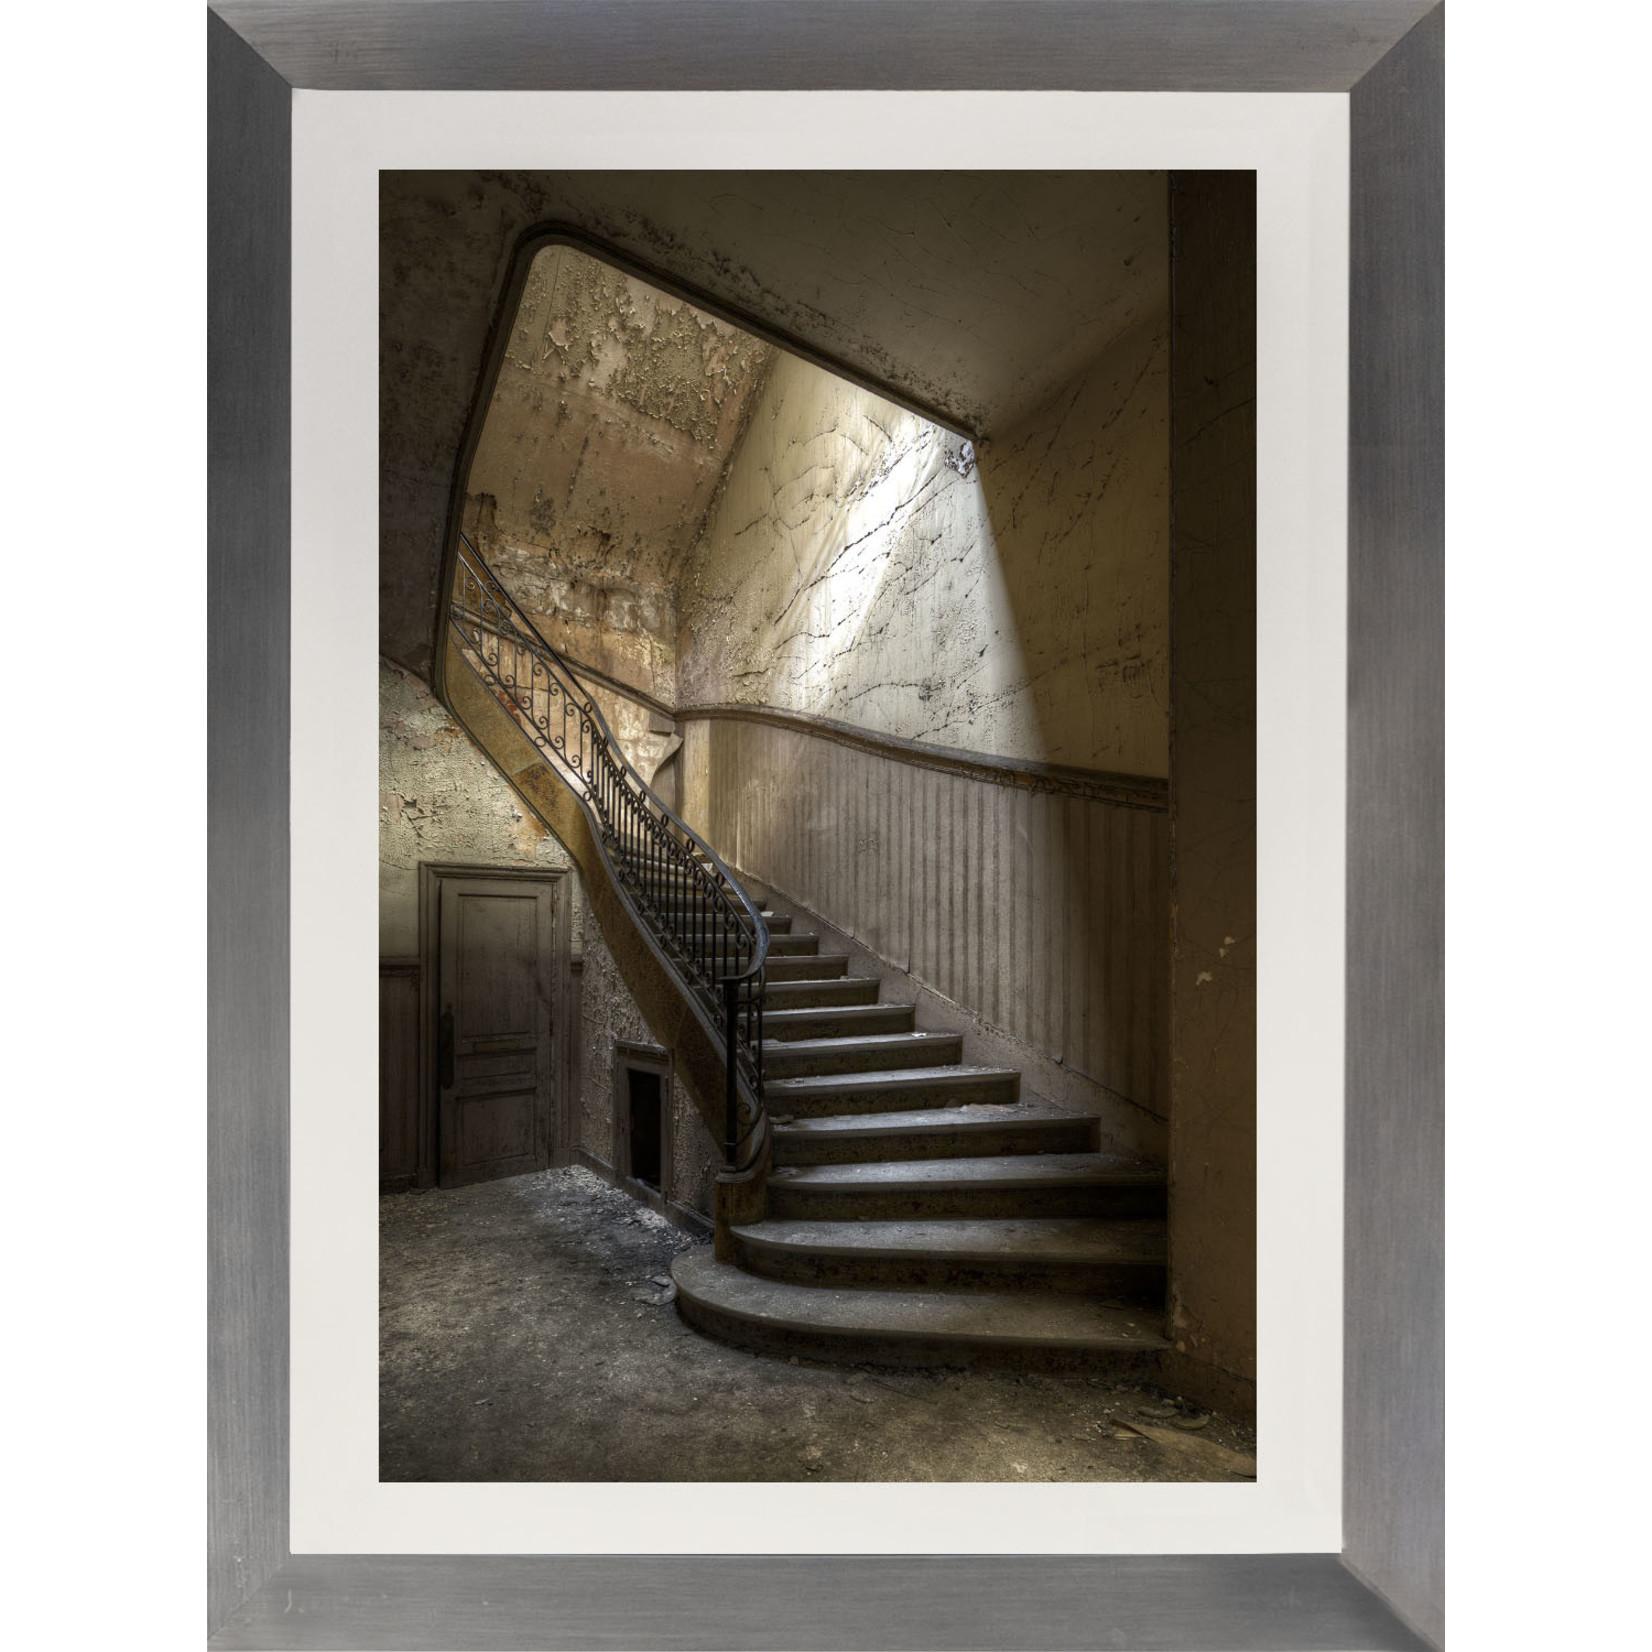 Wigo Worsseling Stairs to Bureau Central van Wigo Worsseling